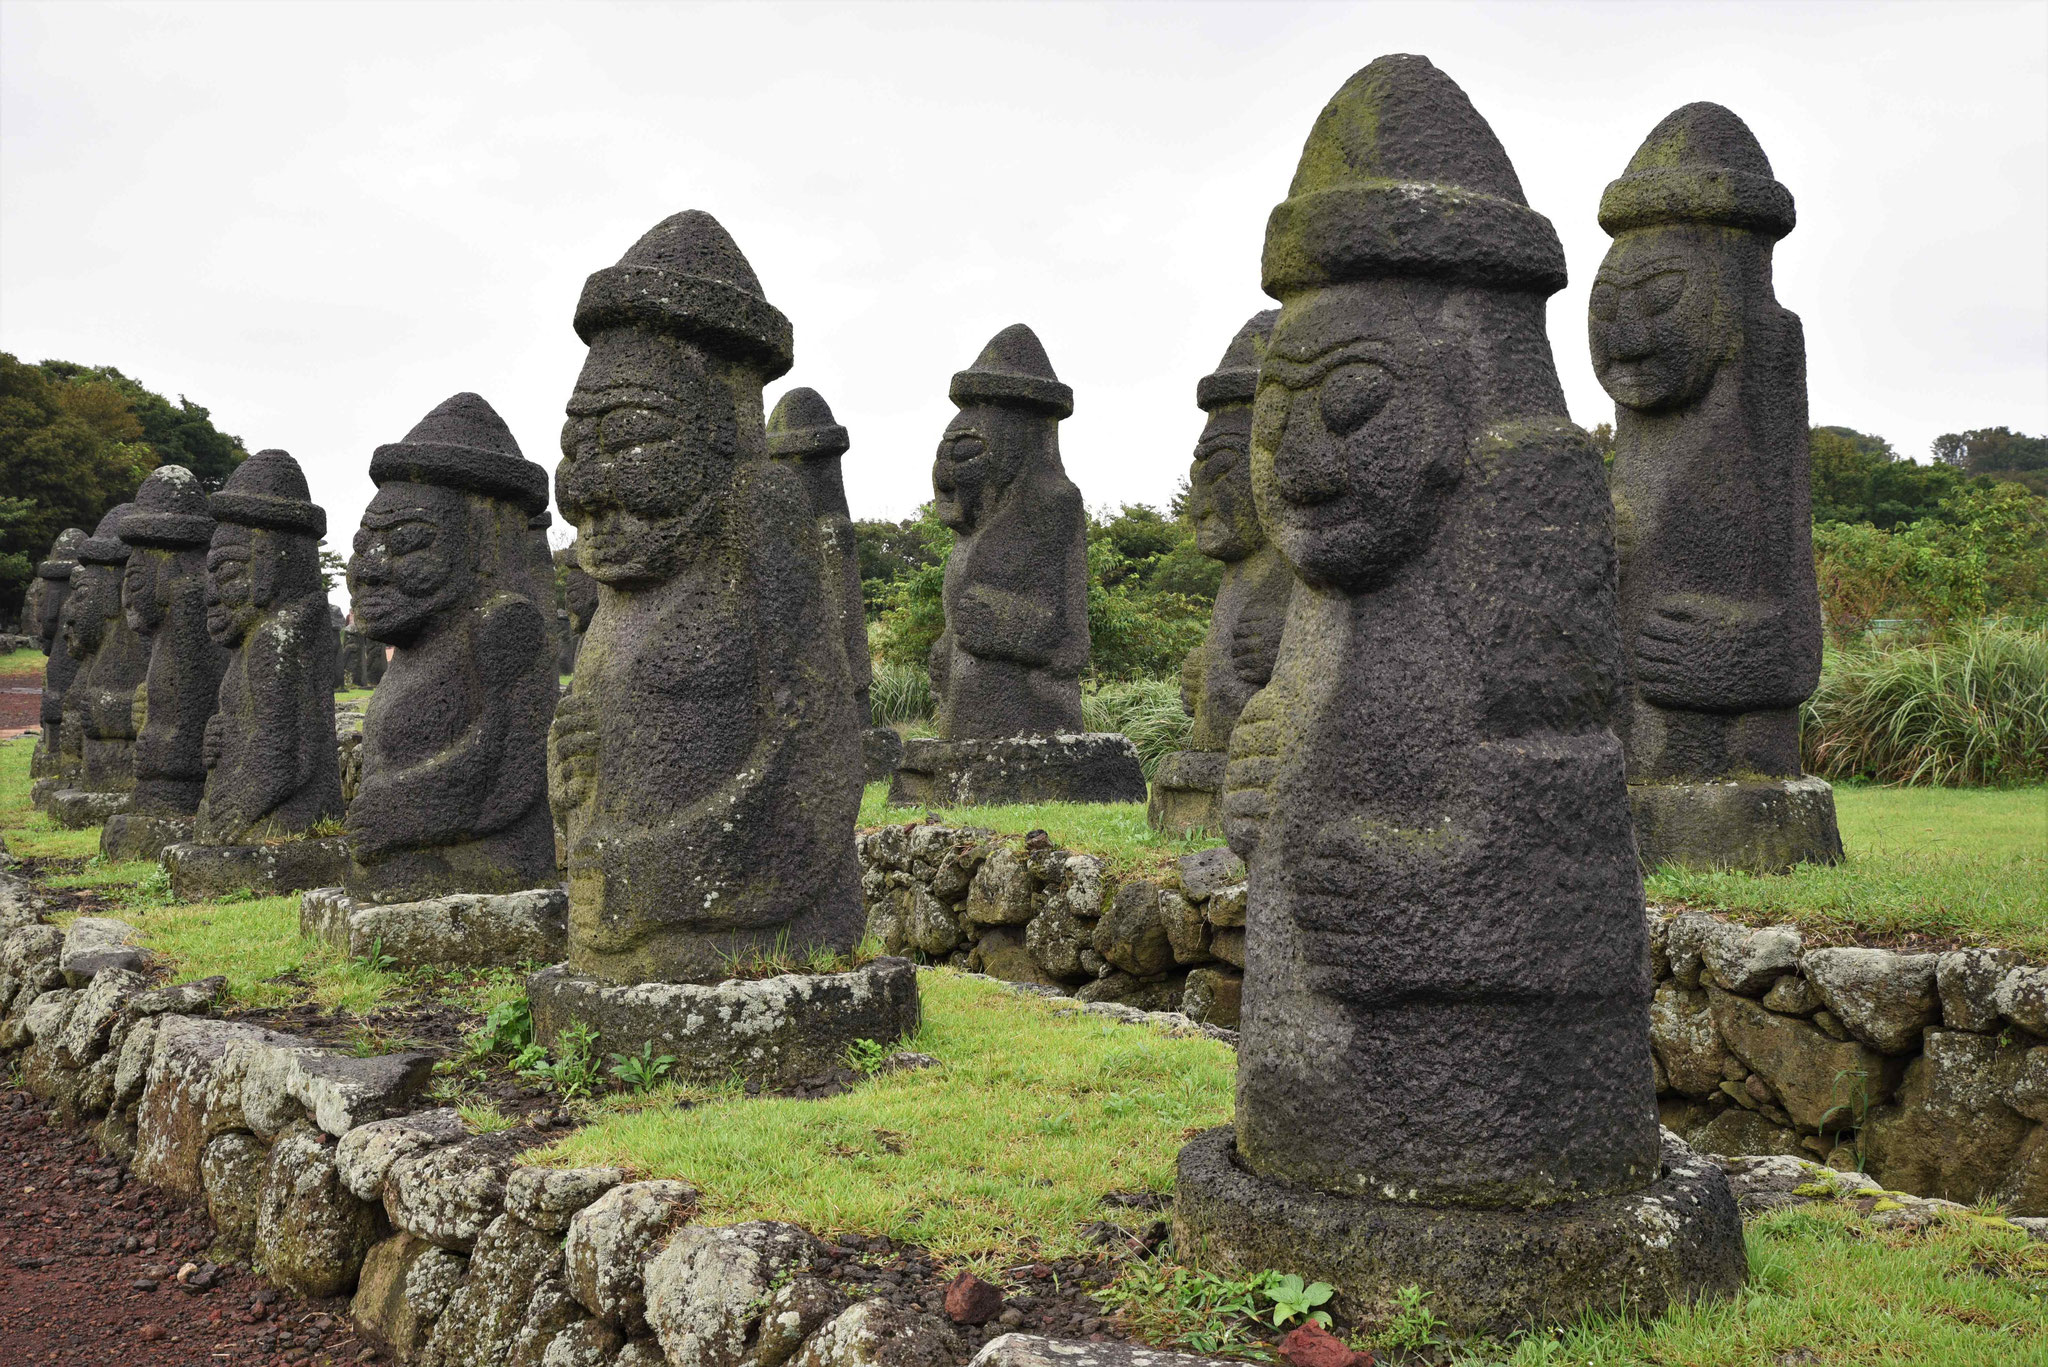 Blick auf einen Teil der 48 Dolharubangs im Jeju Stone Park